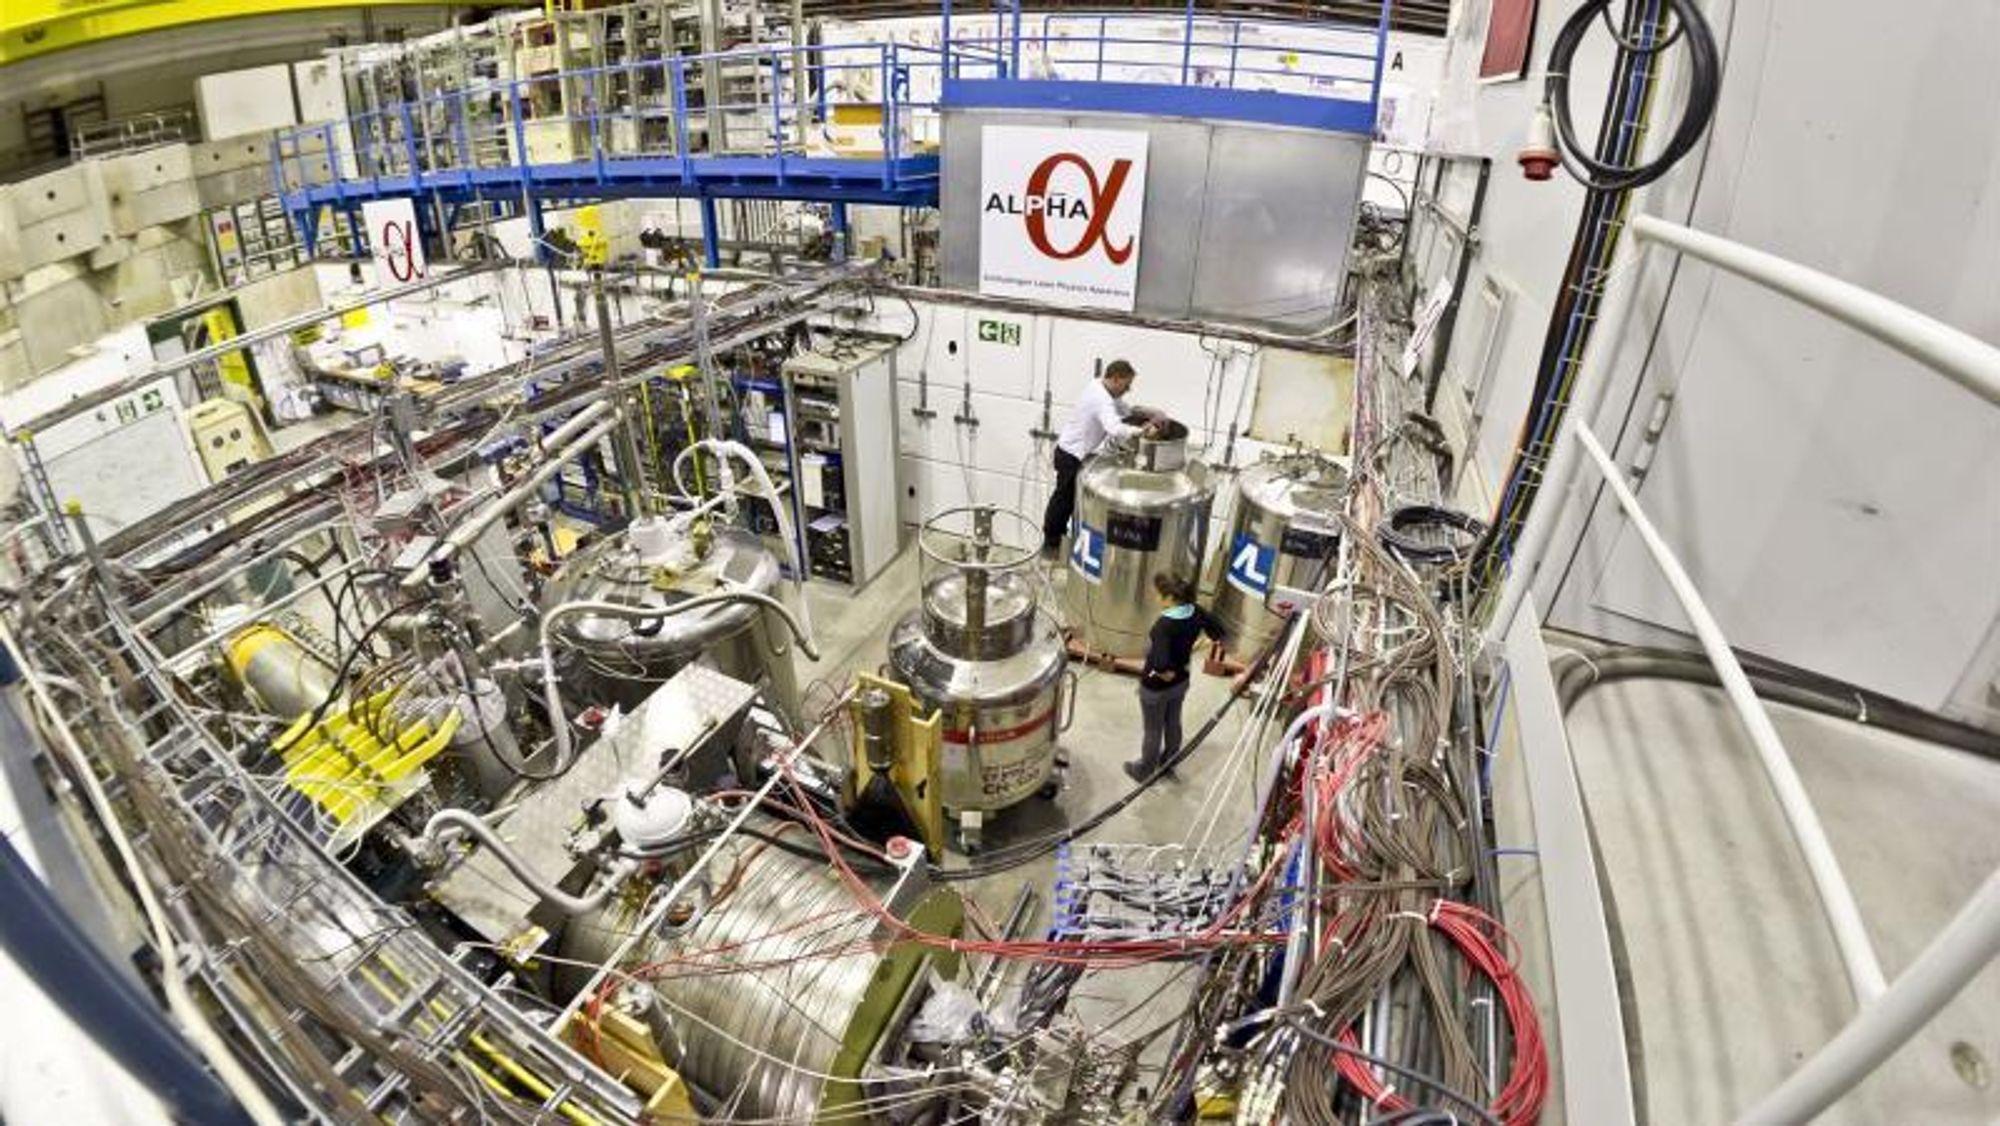 Et eldre foto fra forsøkshallen ved CERN, som huser ALPHA-eksperimentet.